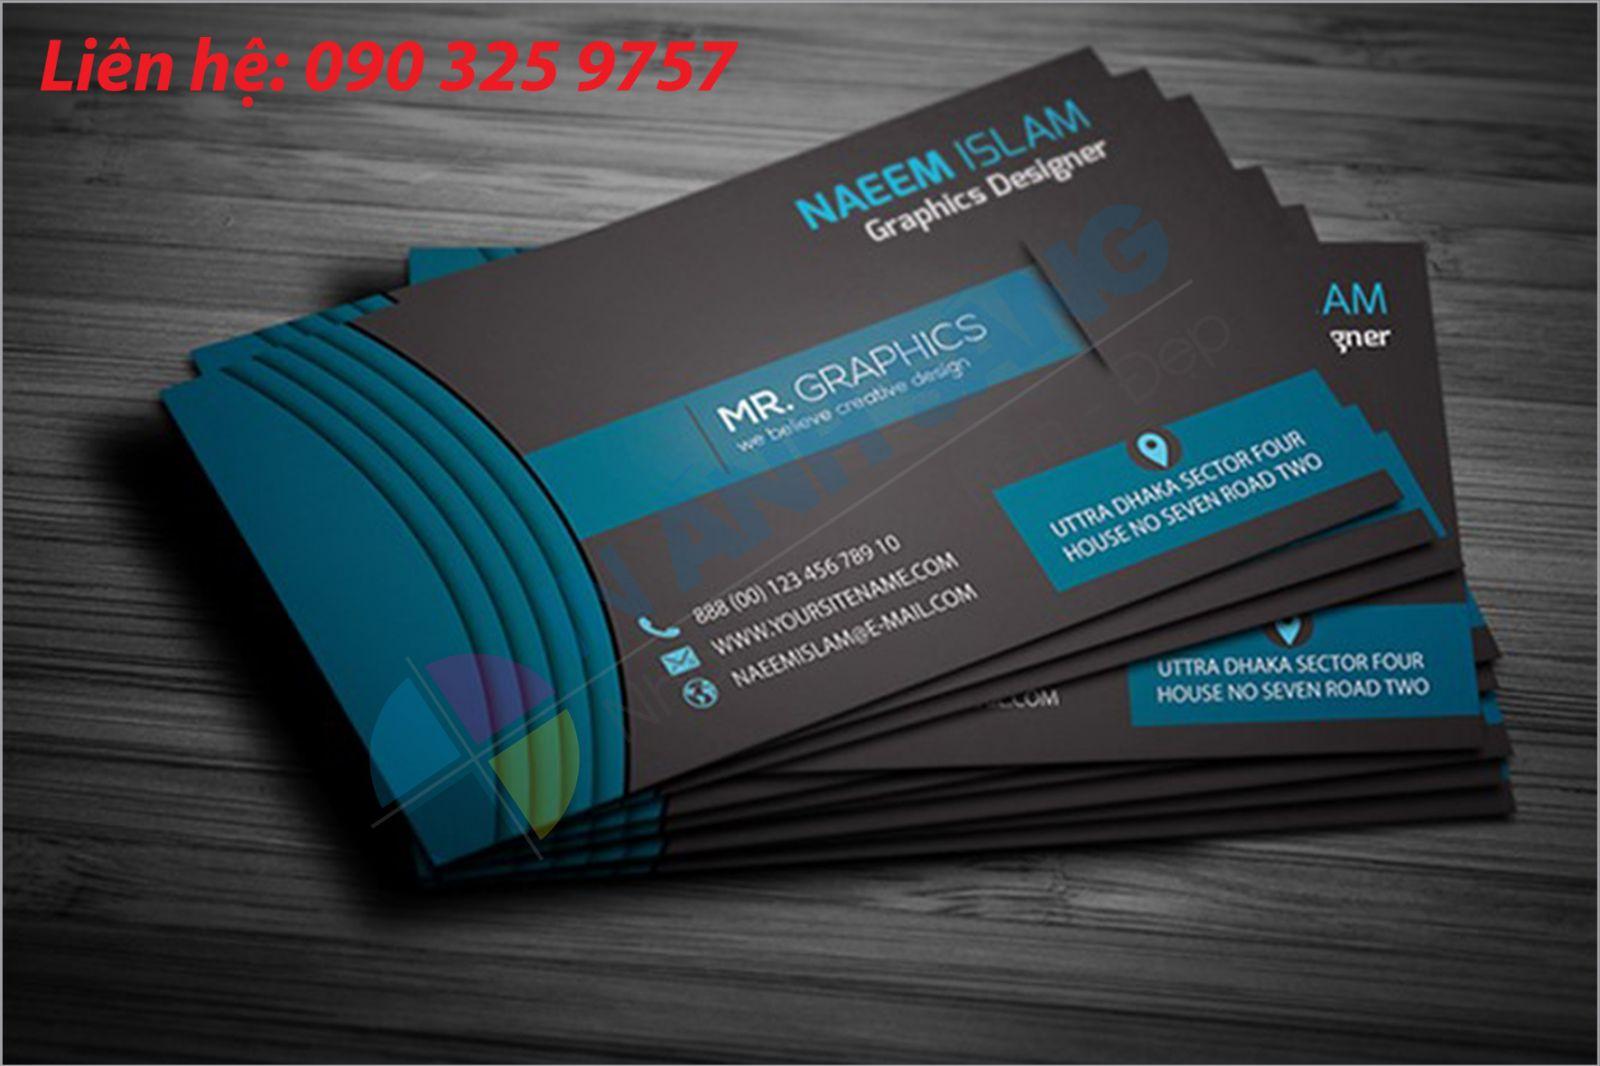 in name card chất liệu giấy mỹ thuật